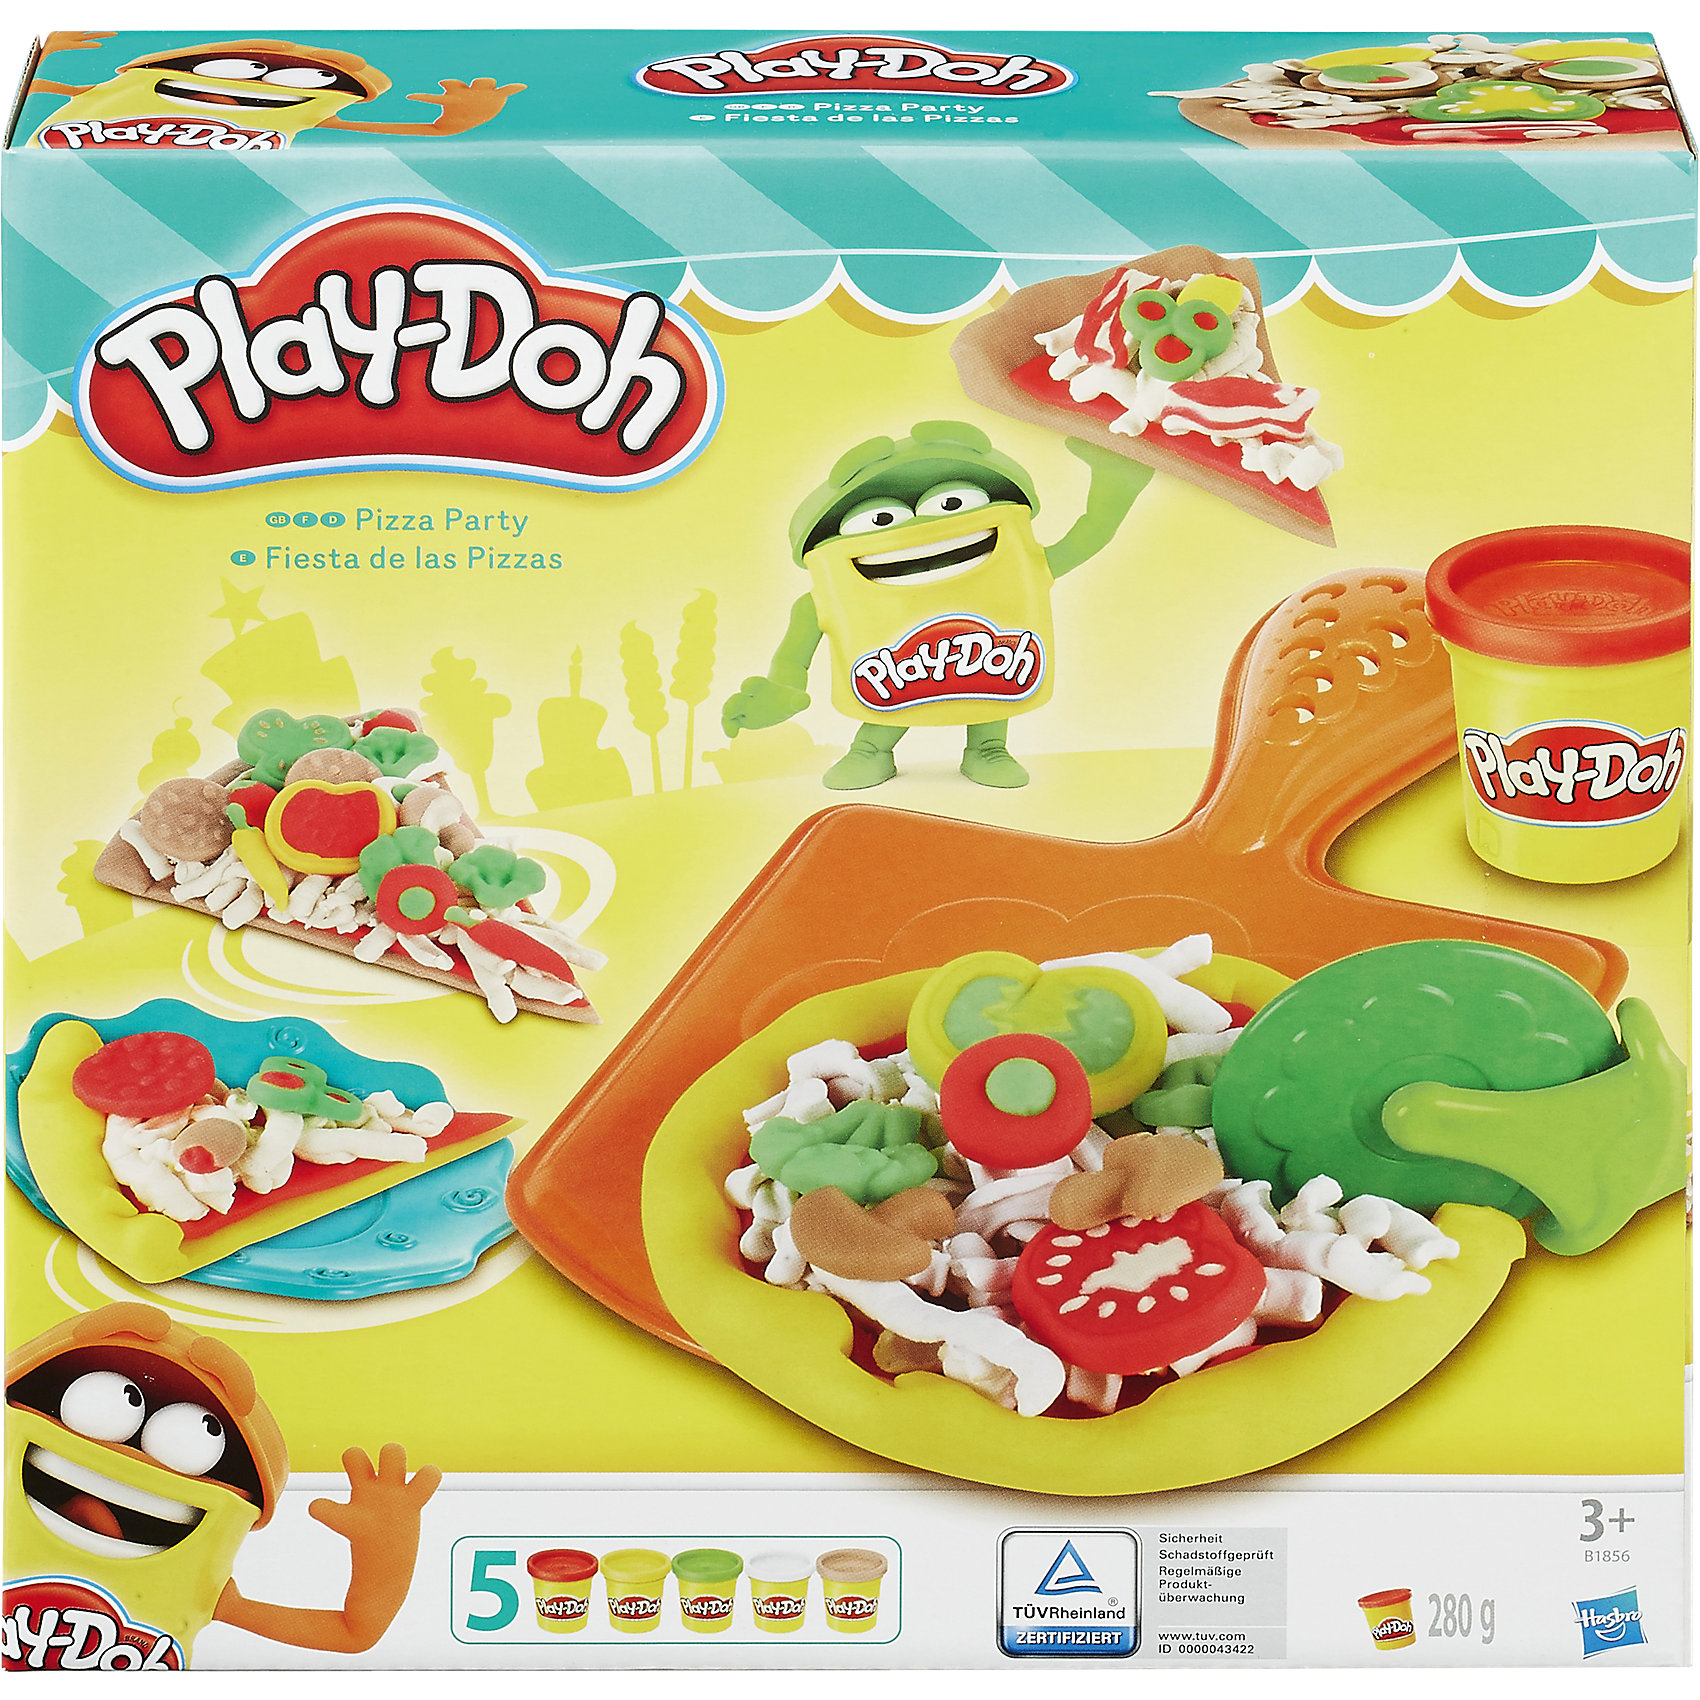 Игровой набор Пицца, Play-DohЛепка<br>Игровой набор Пицца, Play-Doh - замечательный набор для игр и творчества, который не оставит равнодушным Вашего ребенка. Теперь он станет обладателем собственной маленькой пиццерии, где сможет изобретать и готовить множество новых видов пиццы и угощать своих друзей. Большое разнообразие аксессуаров, входящих в набор, открывают безграничный простор для фантазии. Раскатывайте роликом тесто для пиццы и выкладывайте на него тертый сыр и любимые начинки. Готовую пиццу можно уложить в специальную коробочку и отправить друзьям или тут же выложить на стол и разрезать ножом. Пластилин Play-Doh (Плей До) не липнет к рукам и поверхностям, легко собирается обратно в банку и быстро застывает. Чтобы пластилин стал снова мягким, его достаточно смочить водой, он приготовлен на растительной основе и полностью безопасен для детей. В комплекте входят форма для пиццы, полуформа для выпечки, коробка для пиццы, терка для сыра, ролик, вилка, нож, тарелка, нож для пиццы и 5 стандартных баночек Play-Doh. Занятия лепкой развивают у ребенка фантазию, творческие способности и объемное воображение, тренируют координацию движений и мелкую моторику.<br><br>Дополнительная информация:<br><br>- В комплекте: форма для пиццы, полуформа для выпечки, коробка для пиццы, терка для сыра, ролик, вилка, тарелка, пластиковый нож для пиццы, 5 баночек пластилина Play-Doh.<br>- Материал: пластик, пластилин.<br>- Размер упаковки: 23 x 23 x 6 см.<br>- Вес: 0,572 кг.<br><br>Игровой набор Пицца, Play-Doh, можно купить в нашем интернет-магазине.<br><br>Ширина мм: 233<br>Глубина мм: 228<br>Высота мм: 60<br>Вес г: 606<br>Возраст от месяцев: 36<br>Возраст до месяцев: 72<br>Пол: Унисекс<br>Возраст: Детский<br>SKU: 4156436